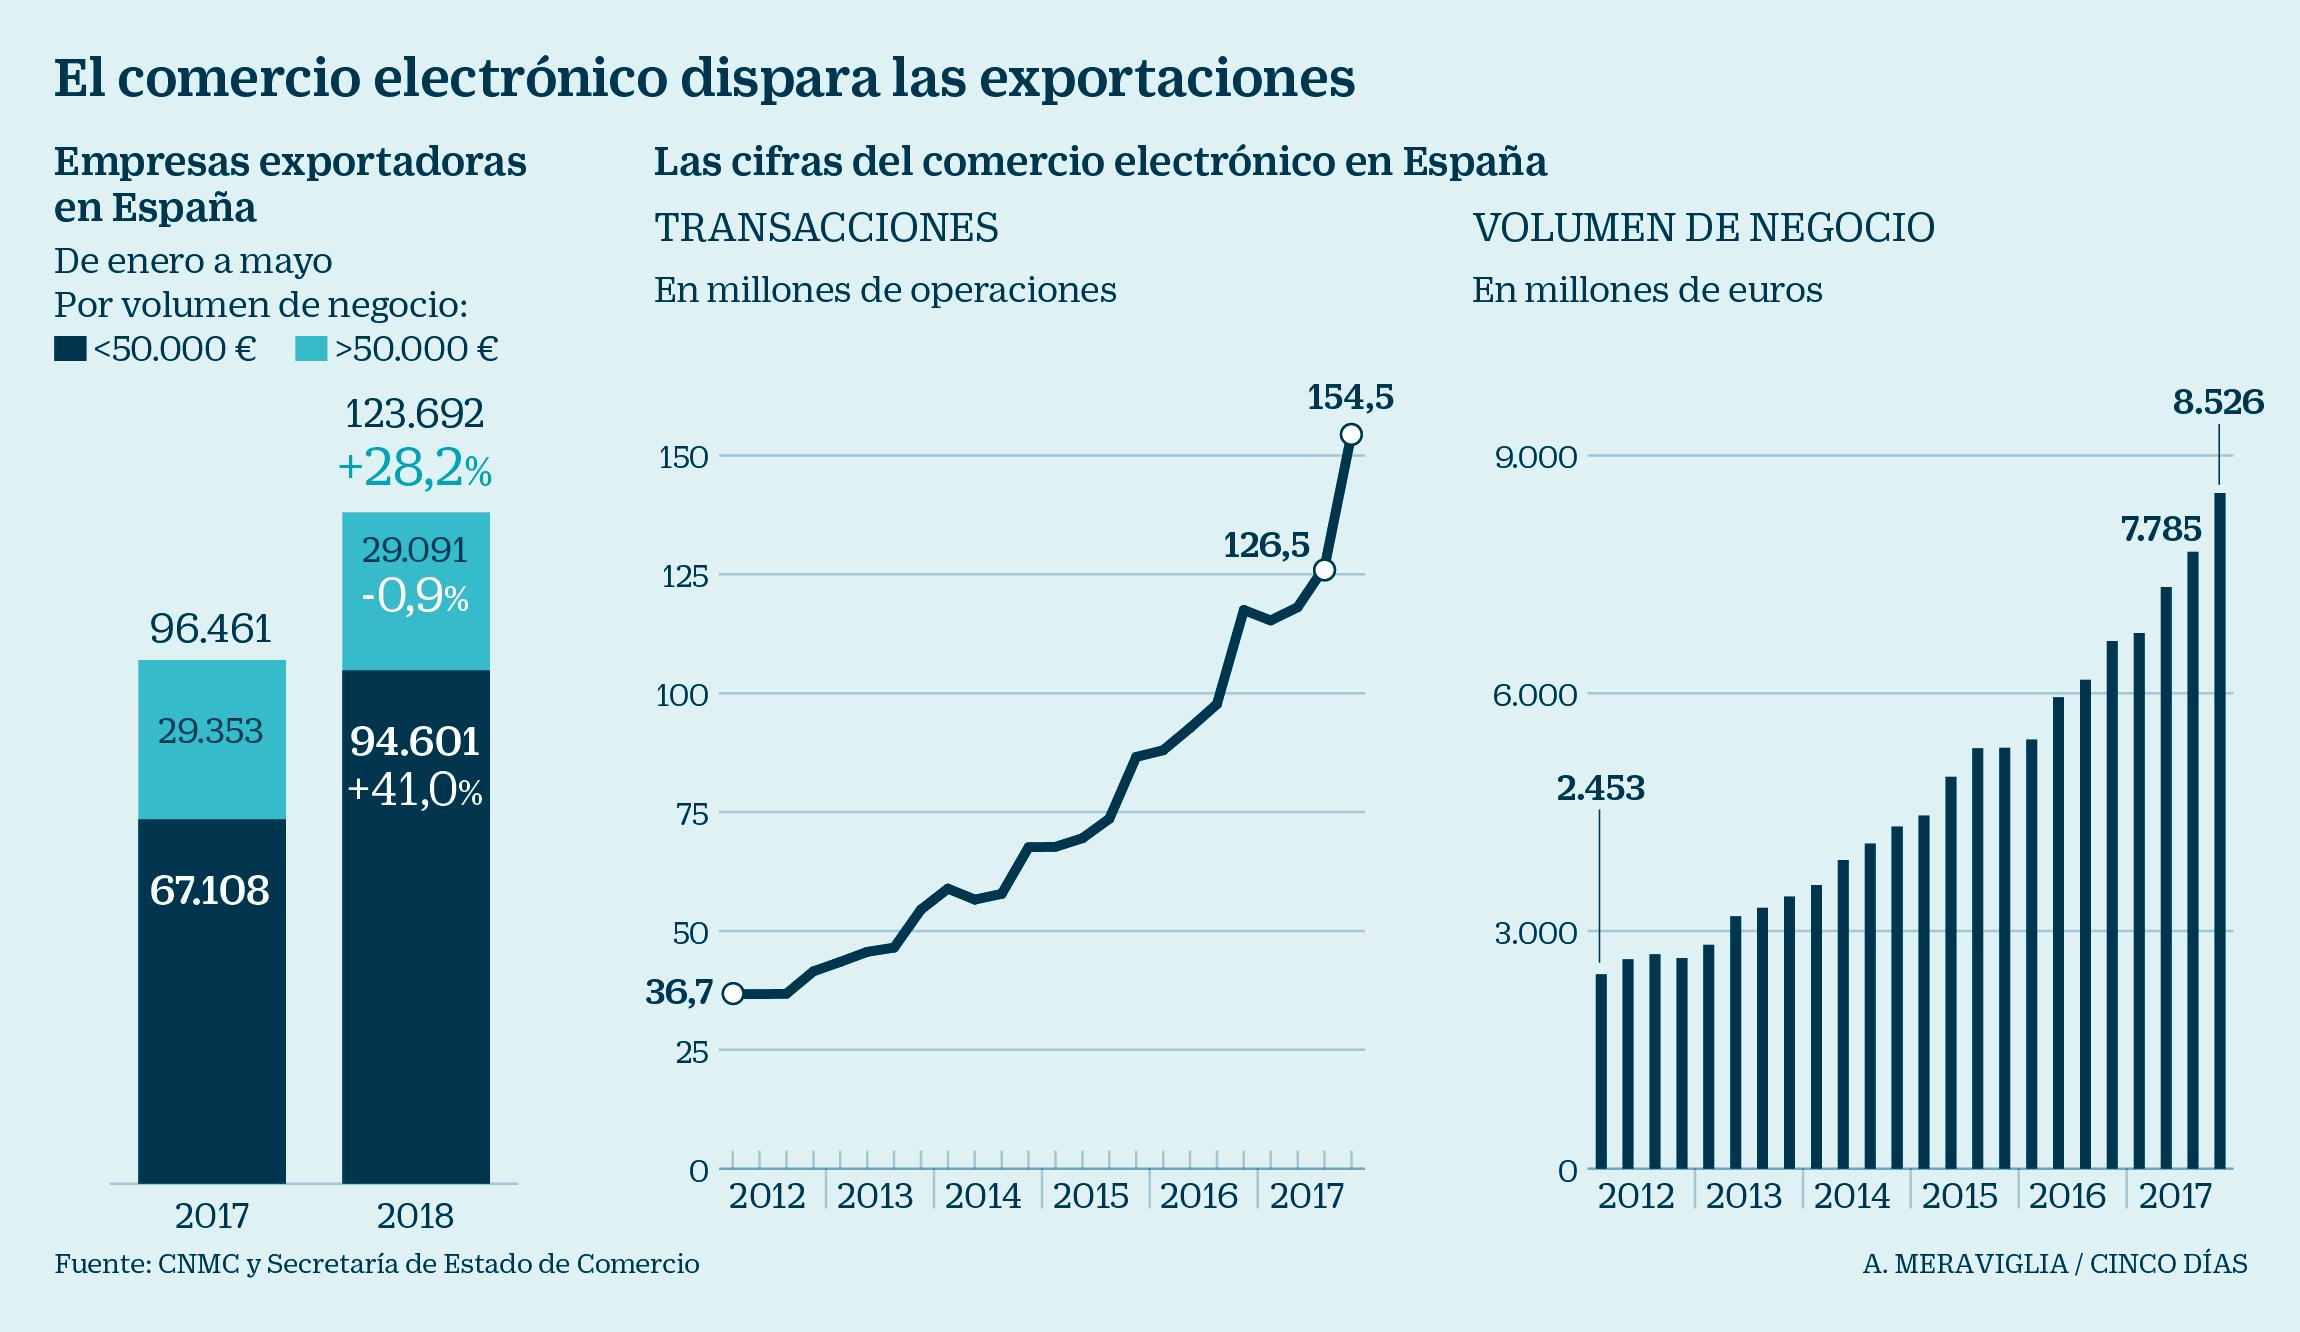 30fad985685e6 El comercio electrónico dispara el número de empresas exportadoras ...